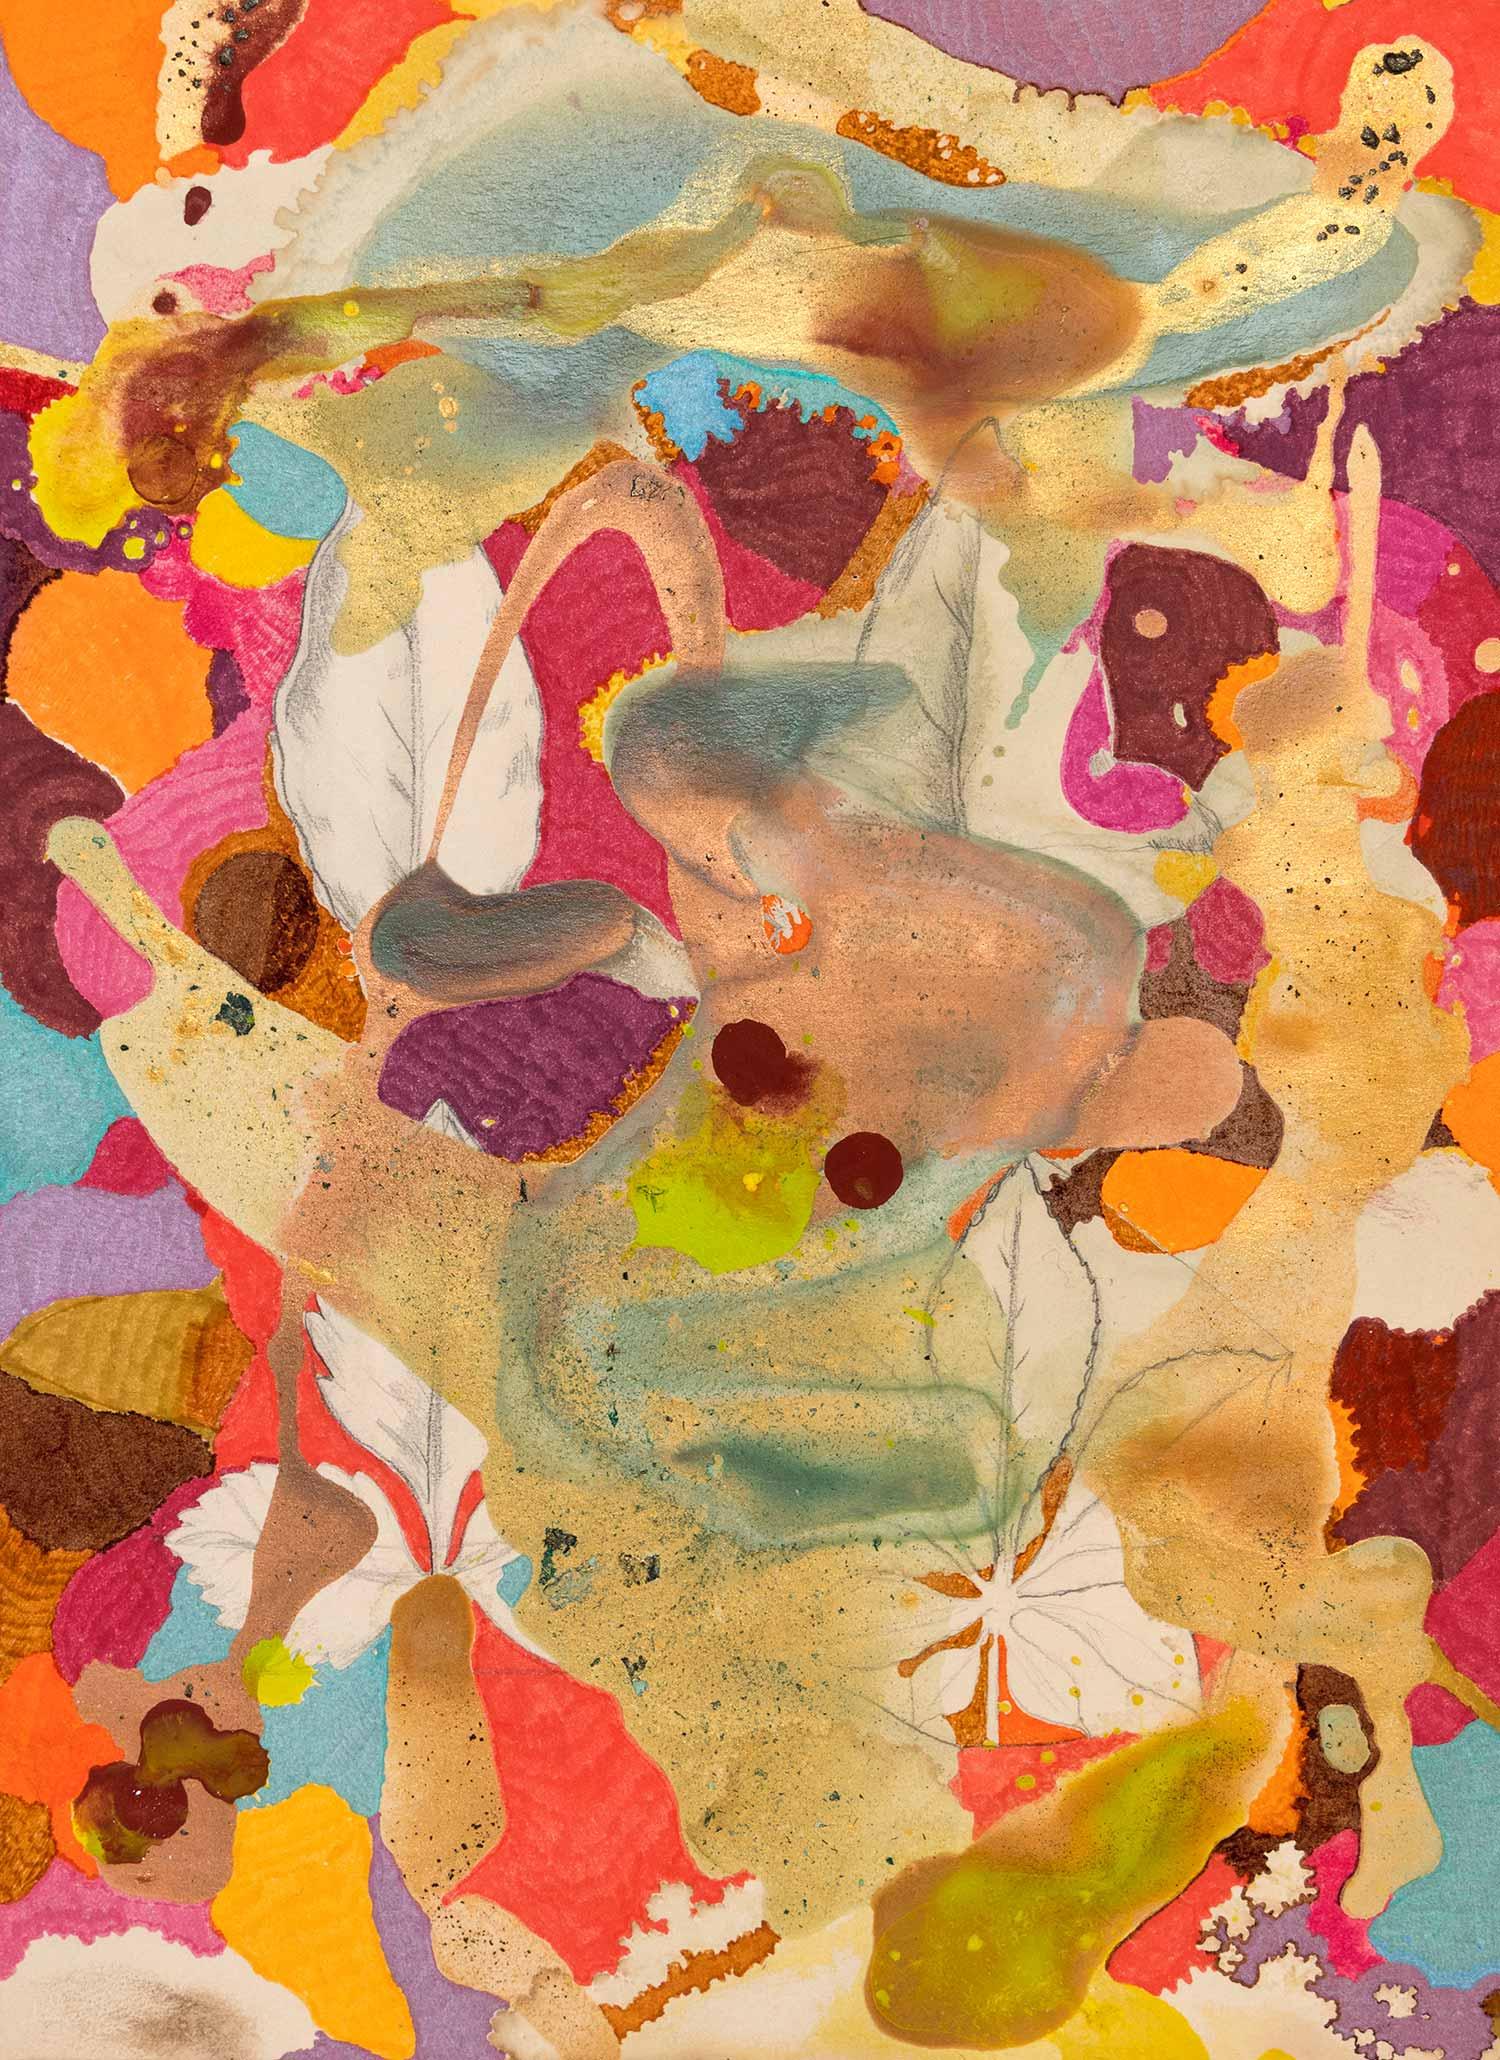 <b>Delicatessen V</b><br> Técnica mixta sobre papel Canson Añejo<br> 34 x 24,5 cm